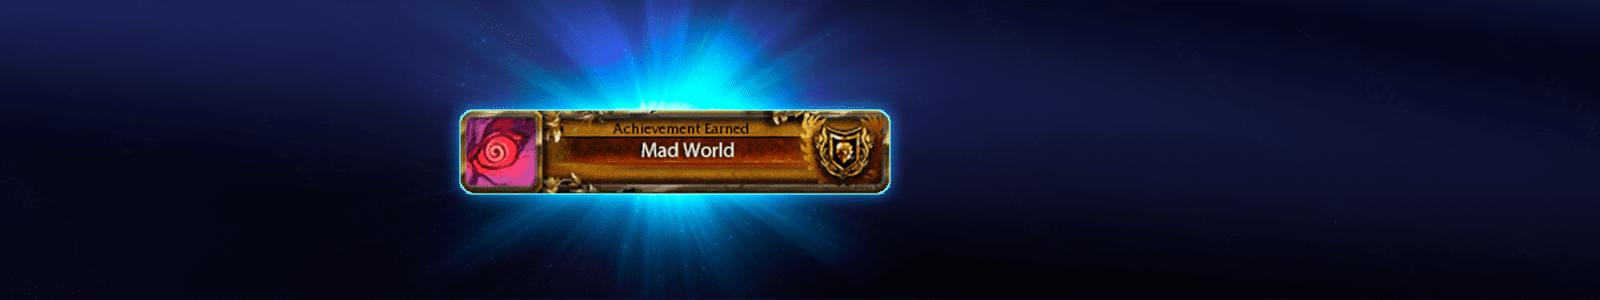 Mad World Achievement